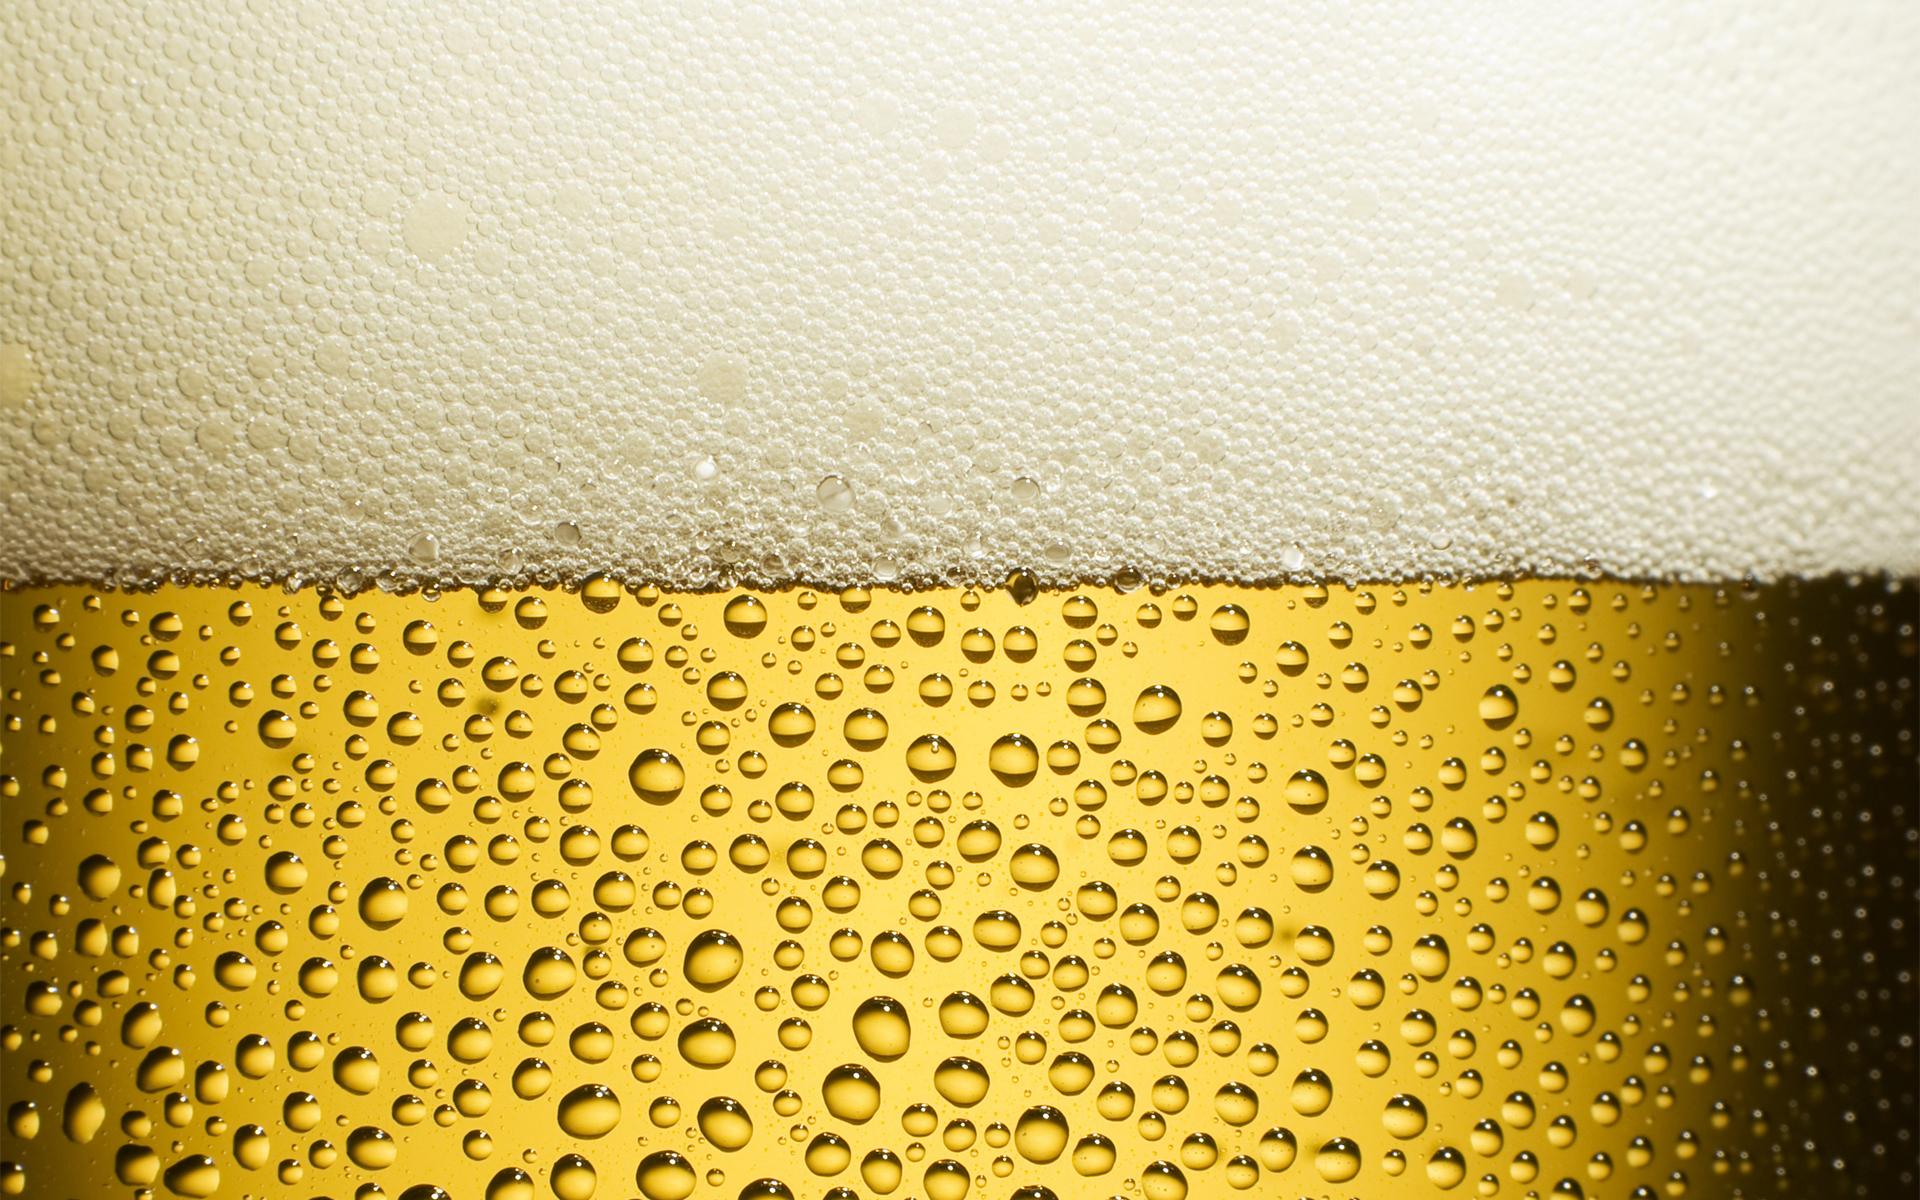 Лікарі та вчені різних країн досліджують вплив безалкогольного пива на матерів, котрі годують дитину молоком. Одні стверджують, що воно анітрохи не шк